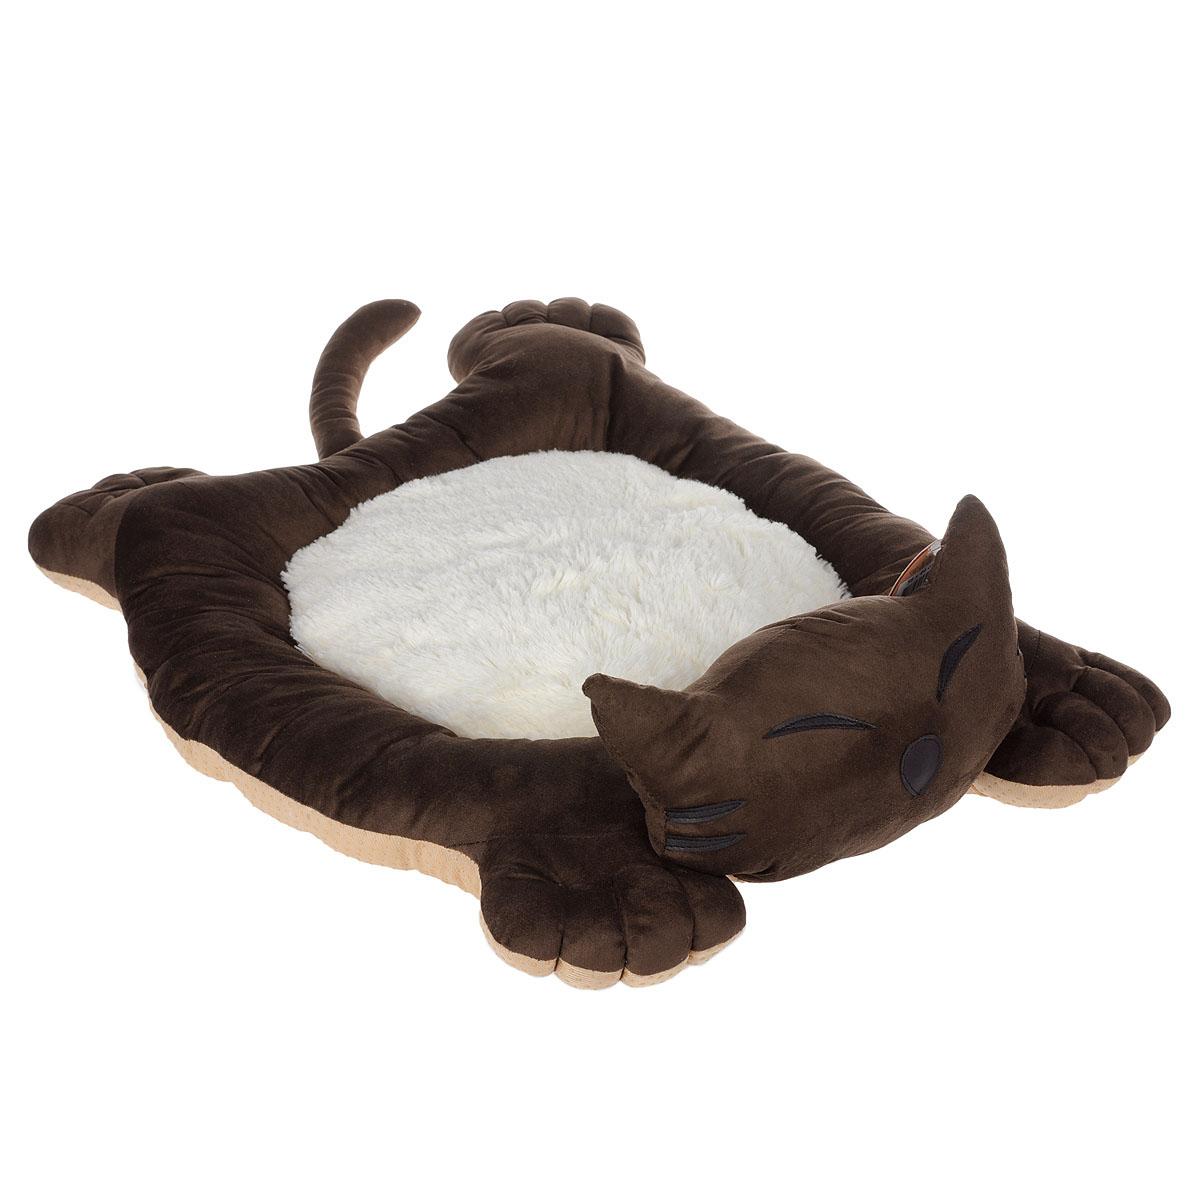 Лежак для собак и кошек I.P.T.S. Sylvester, цвет: коричневый, белый, 56 см х 44 см х 14,5 см0120710Мягкий и уютный лежак для кошек и собак I.P.T.S. Sylvester обязательно понравится вашему питомцу. Лежак выполнен в виде кота. Он изготовлен из нежного, приятного материала. Внутри - мягкий наполнитель, который не теряет своей формы долгое время.Мягкий, приятный и теплый лежак обеспечит вашему любимцу уют и комфорт. Подходит как для кошек, так и для маленьких, карликовых пород собак.За изделием легко ухаживать, можно стирать вручную или в стиральной машине при температуре 30°С. Материал бортиков: искусственная замша.Материал матрасика: плюш.Наполнитель: полифибер.Товар сертифицирован.